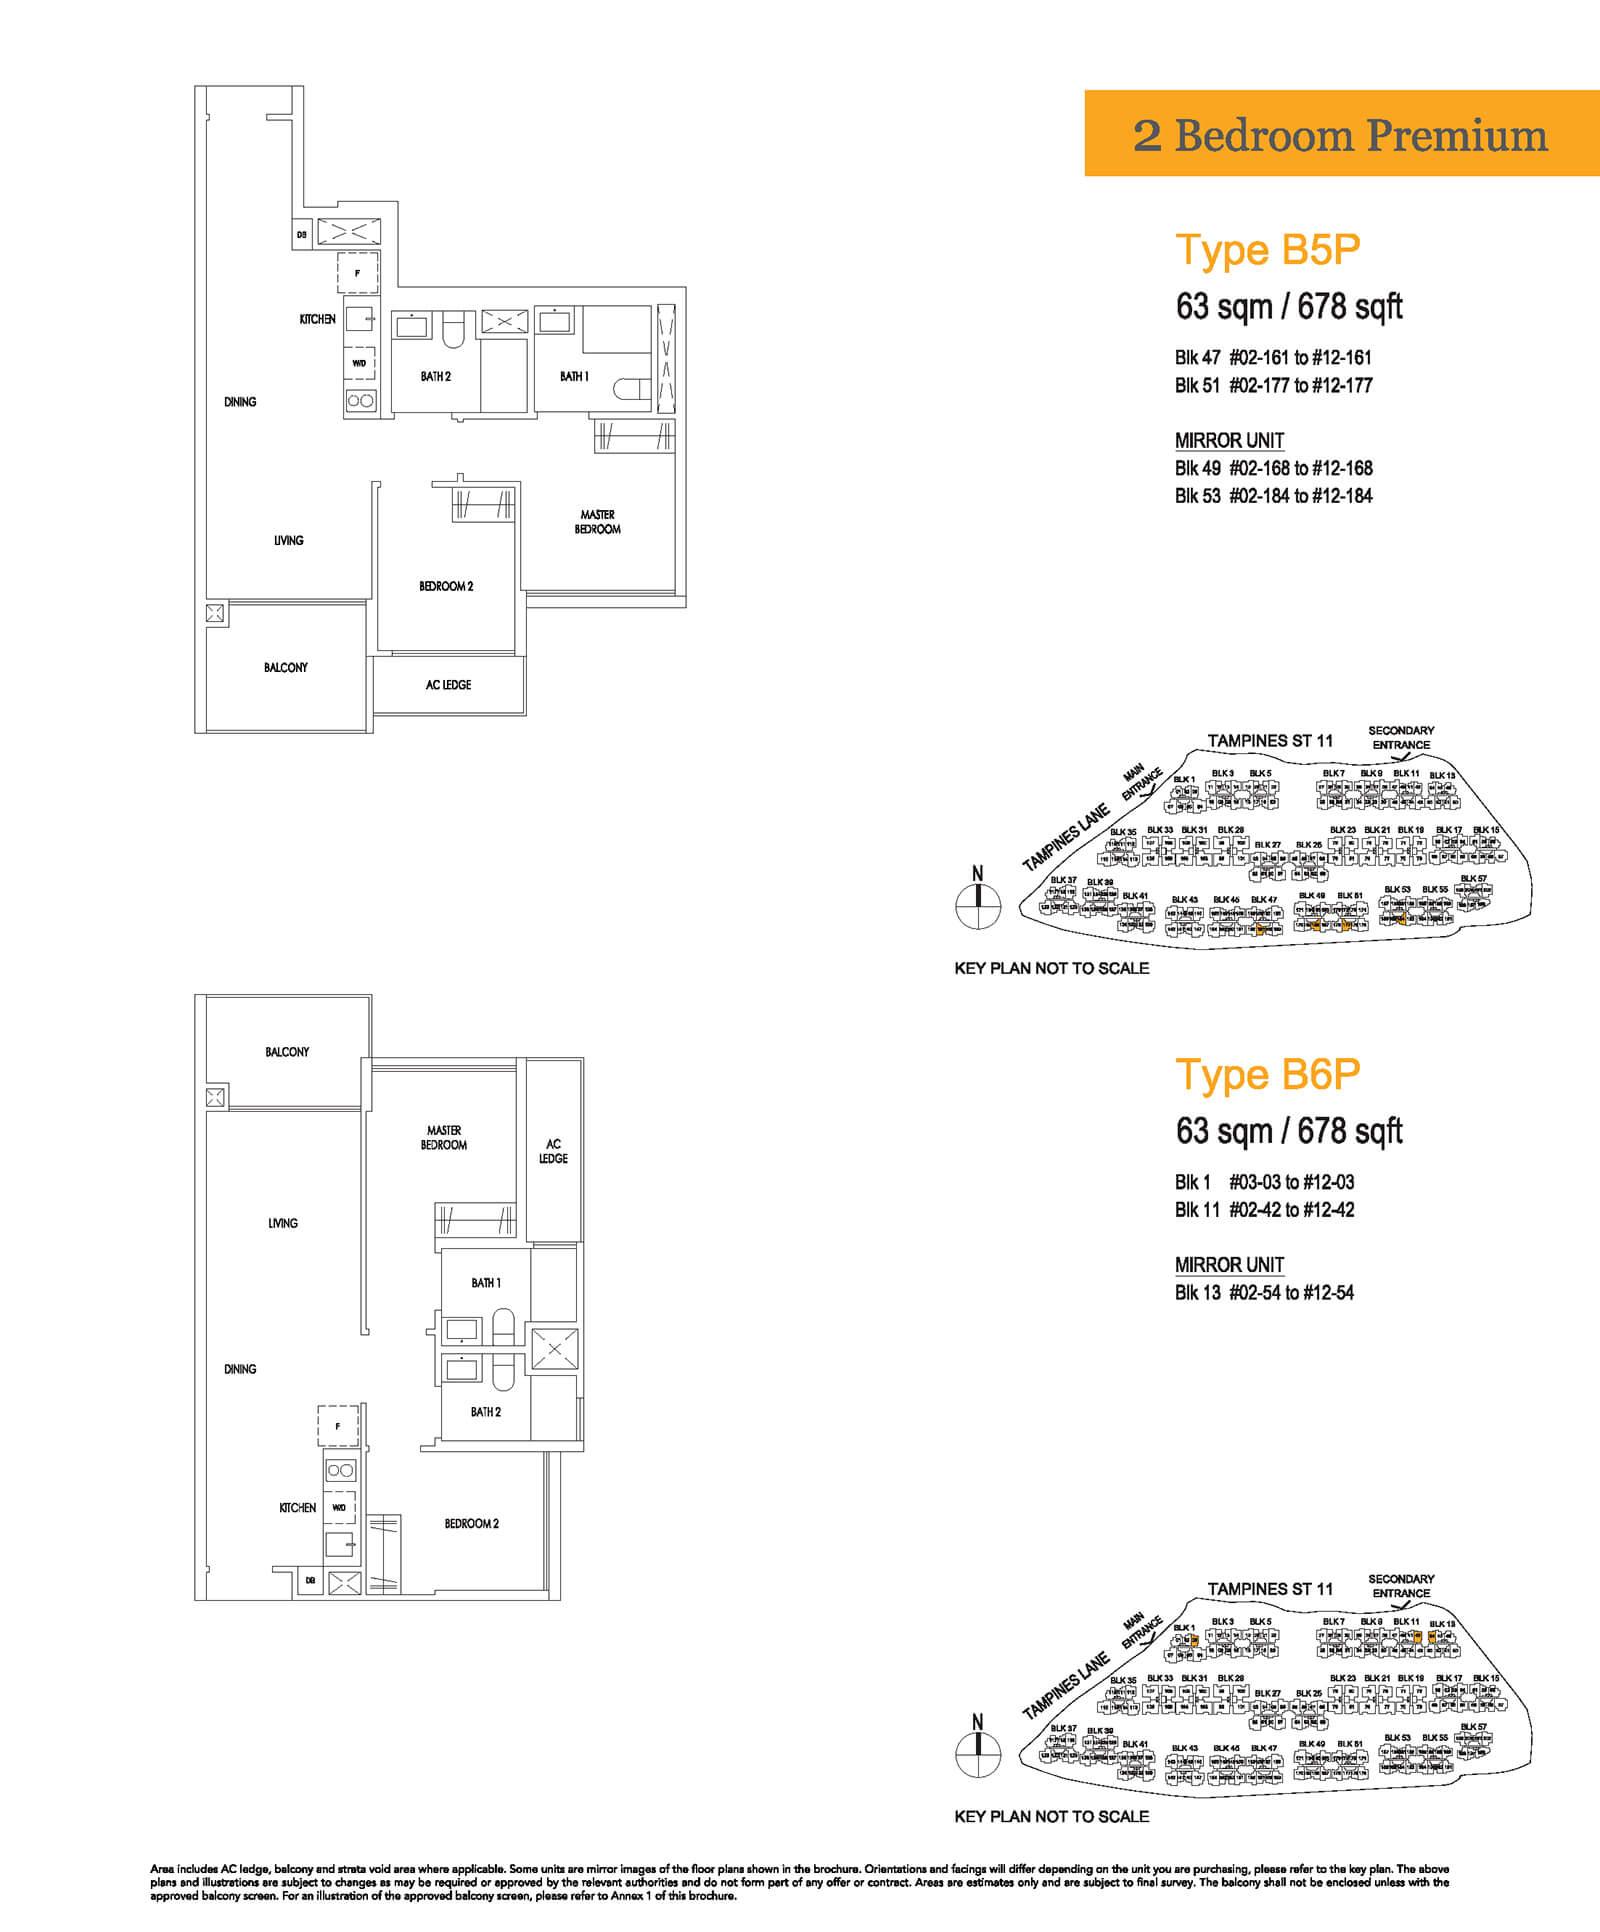 Treasure At Tampines Floor Plan 2-Bedroom Premium B5P B6P